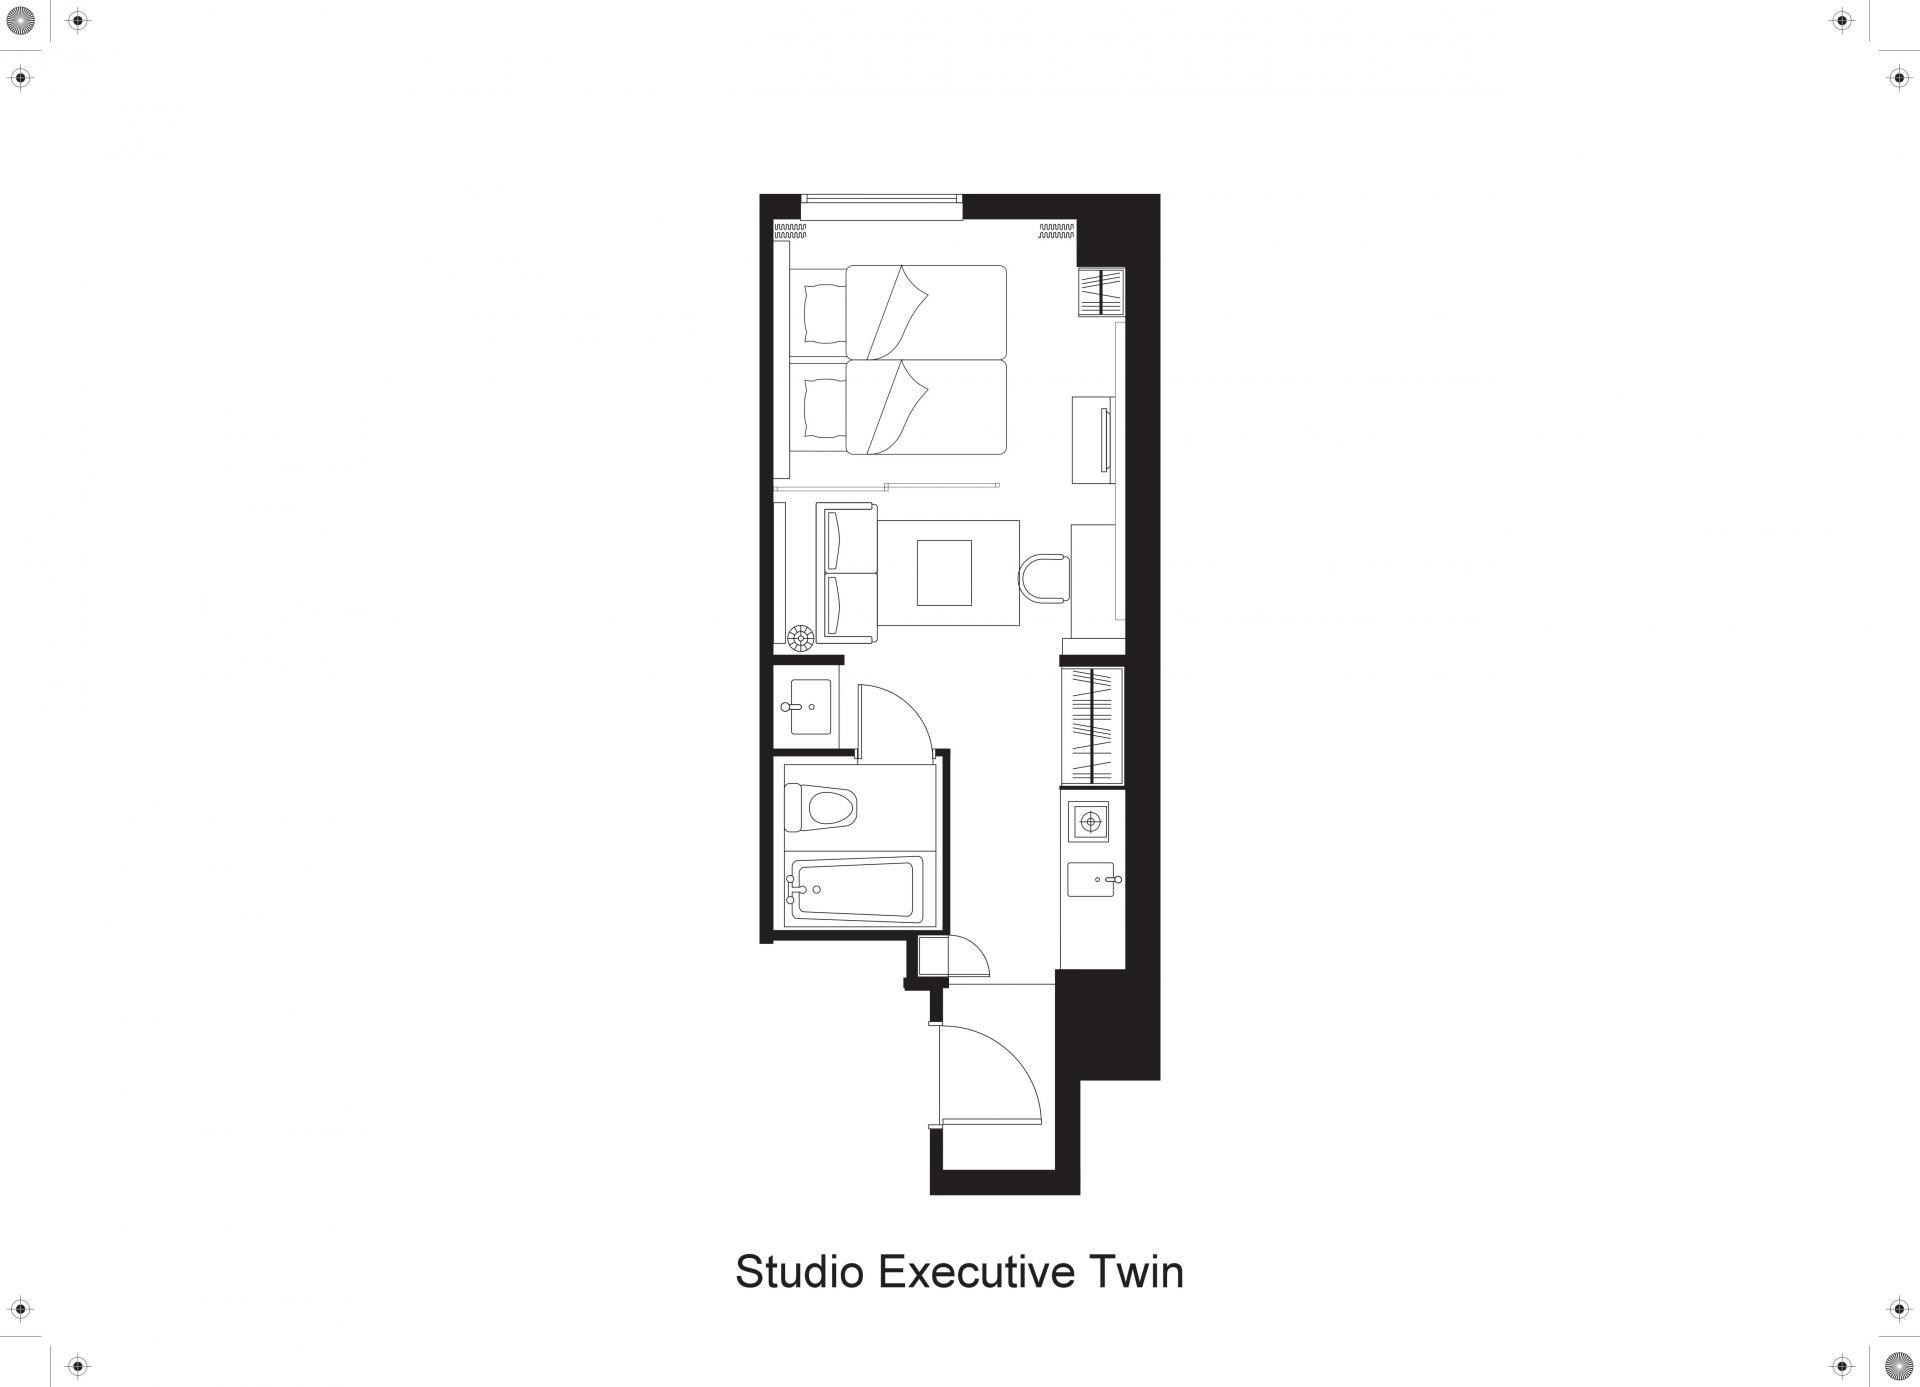 Floorplan 3 at Citadines Shinjuku Apartments